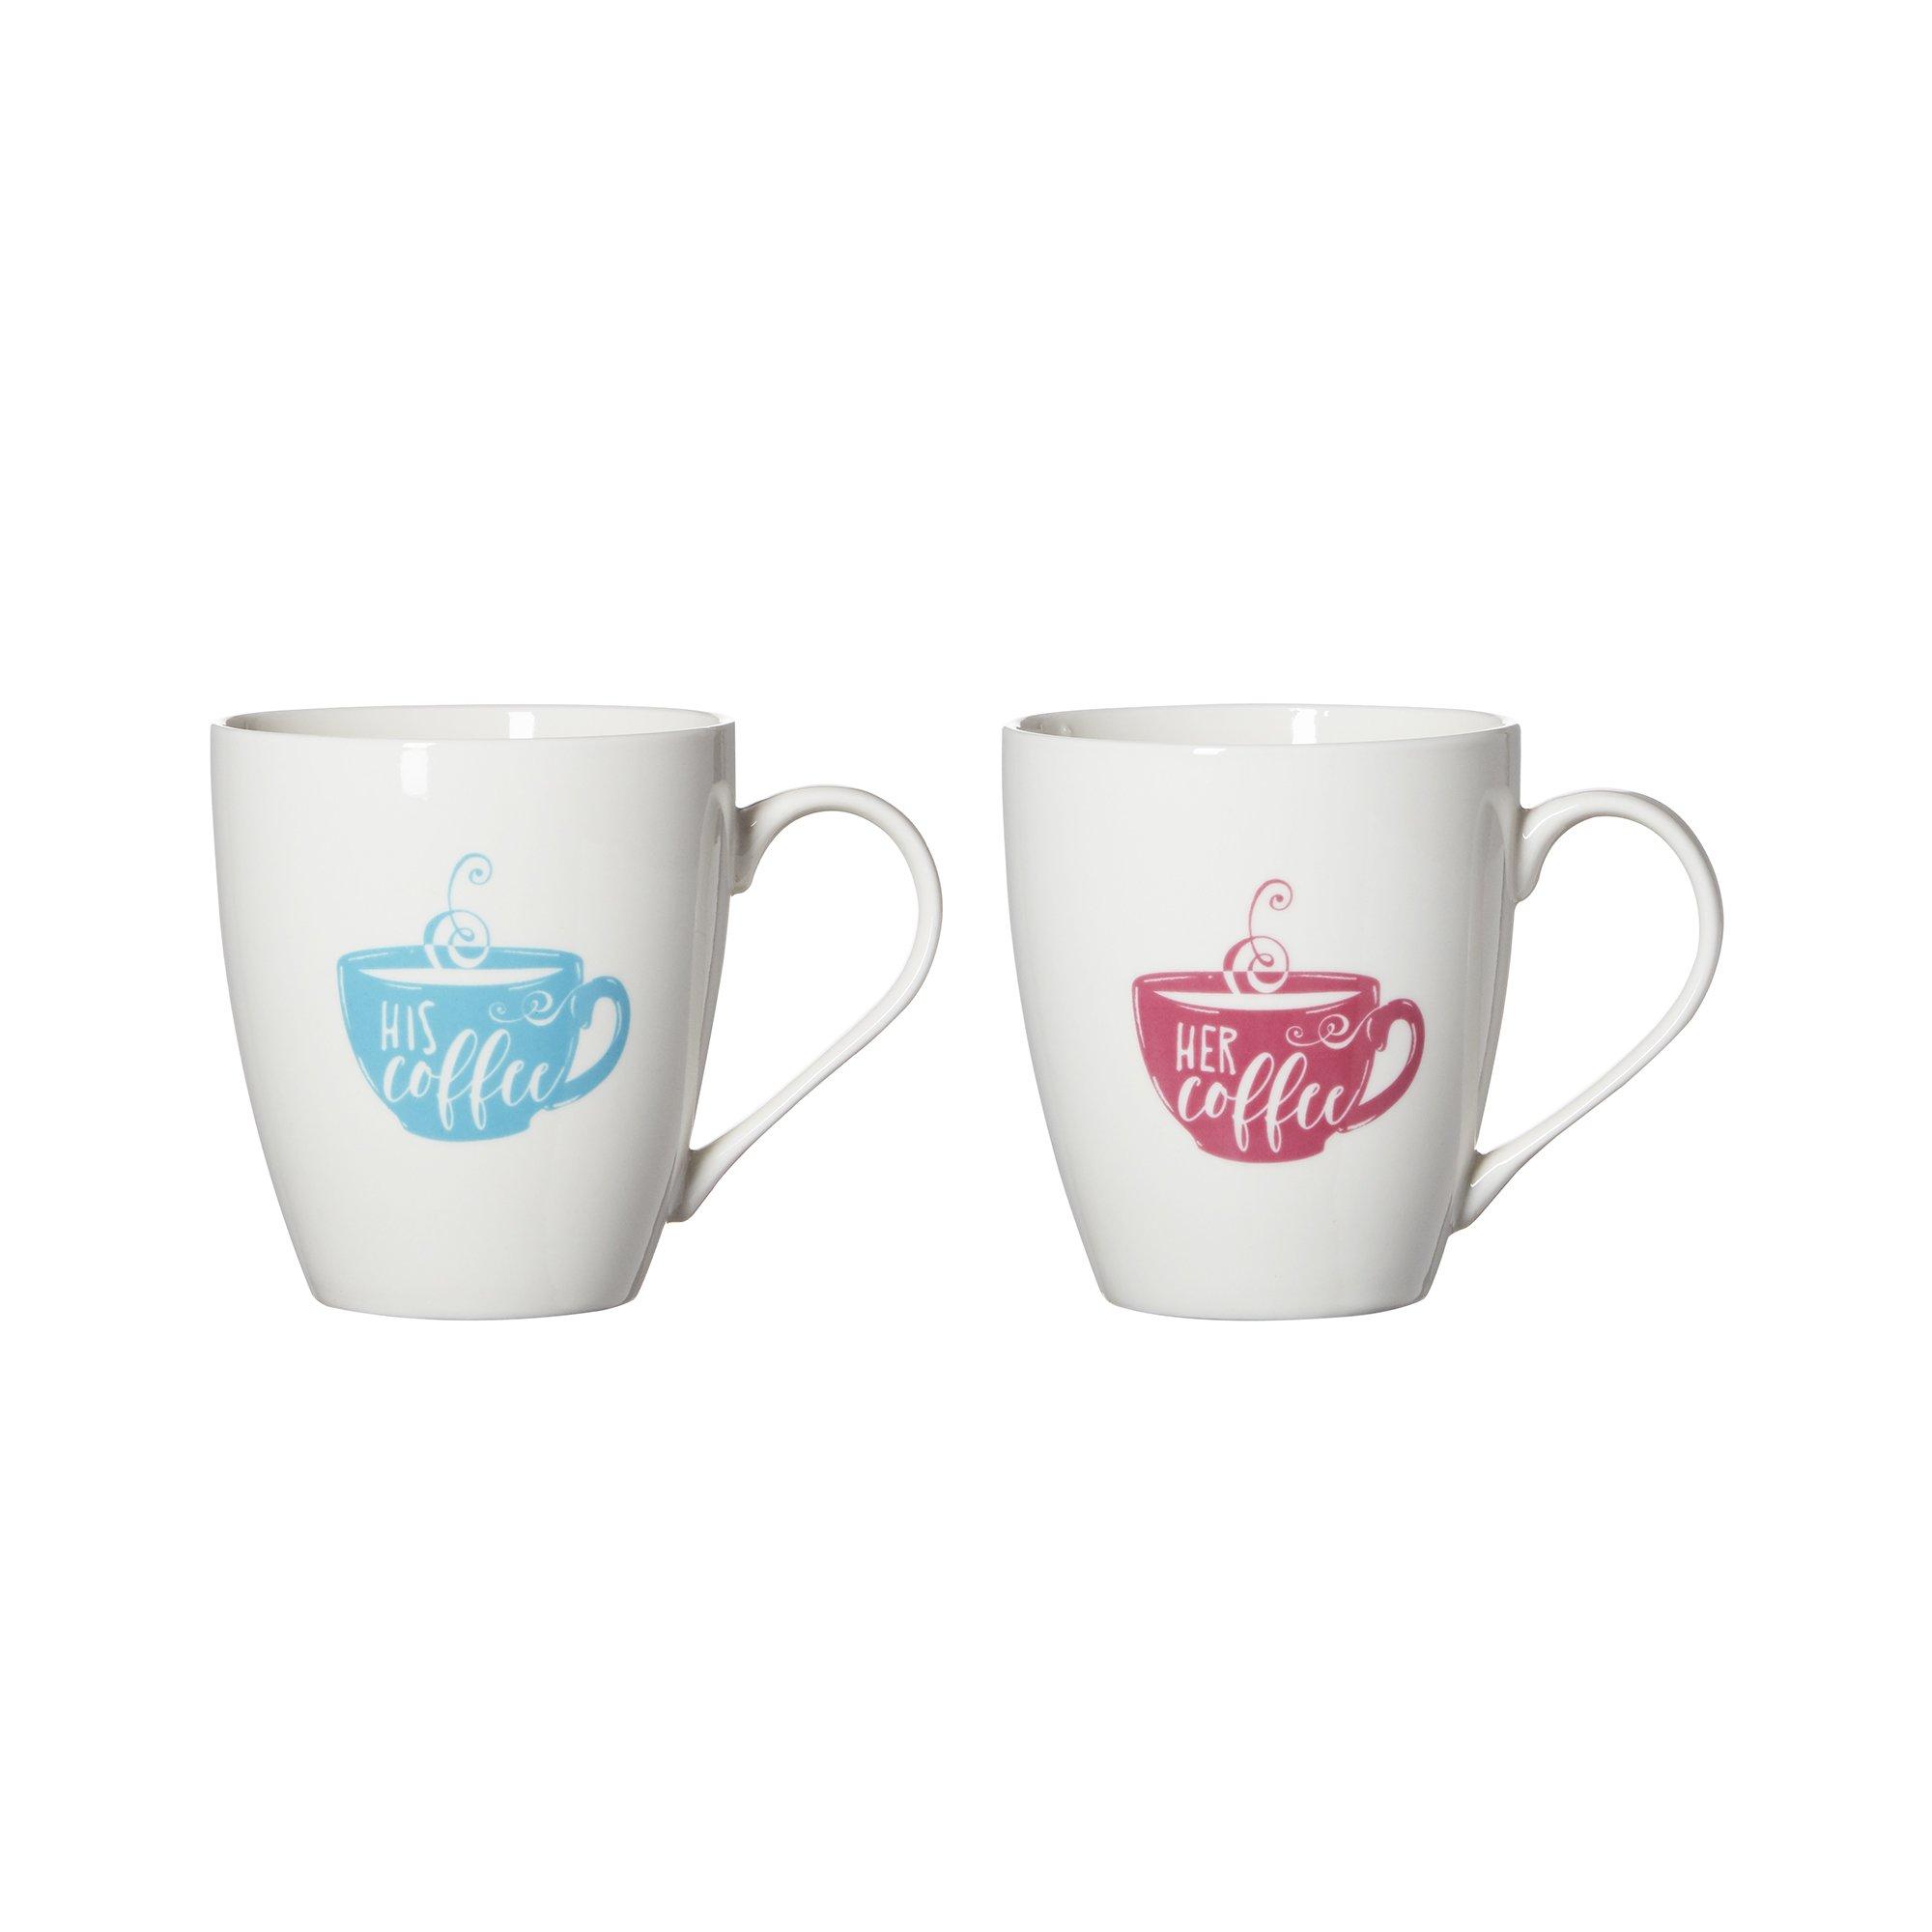 Pfaltzgraff''His Coffee/Her Coffee'' Everyday Mug (Set of 2), 18 oz, Assorted by Pfaltzgraff